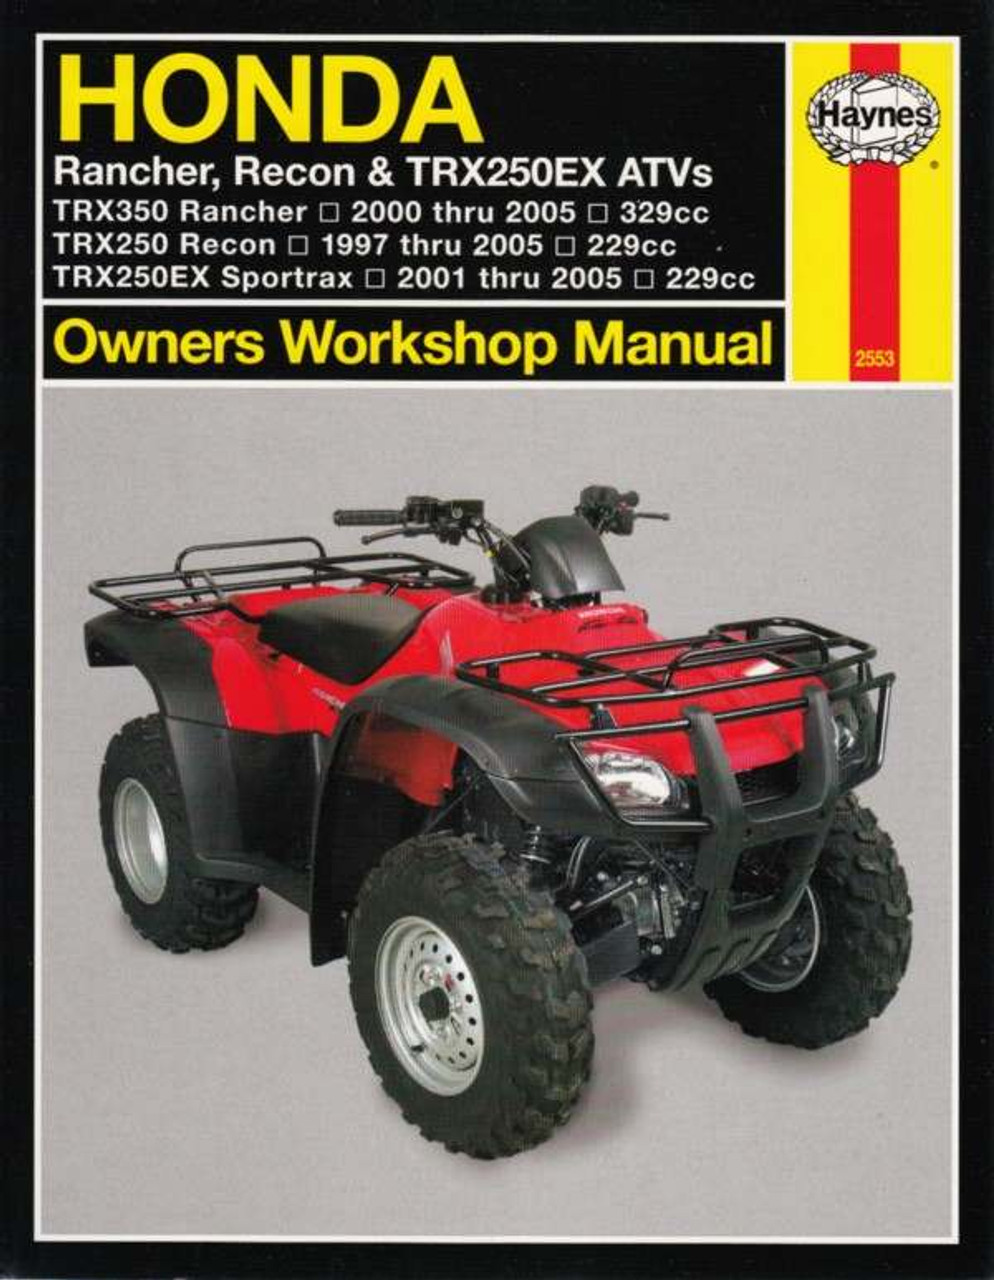 honda rancher recon trx250ex atvs 1997 2005 workshop manual rh automotobookshop com au Honda Recon Parts Diagram 2002 honda recon owners manual